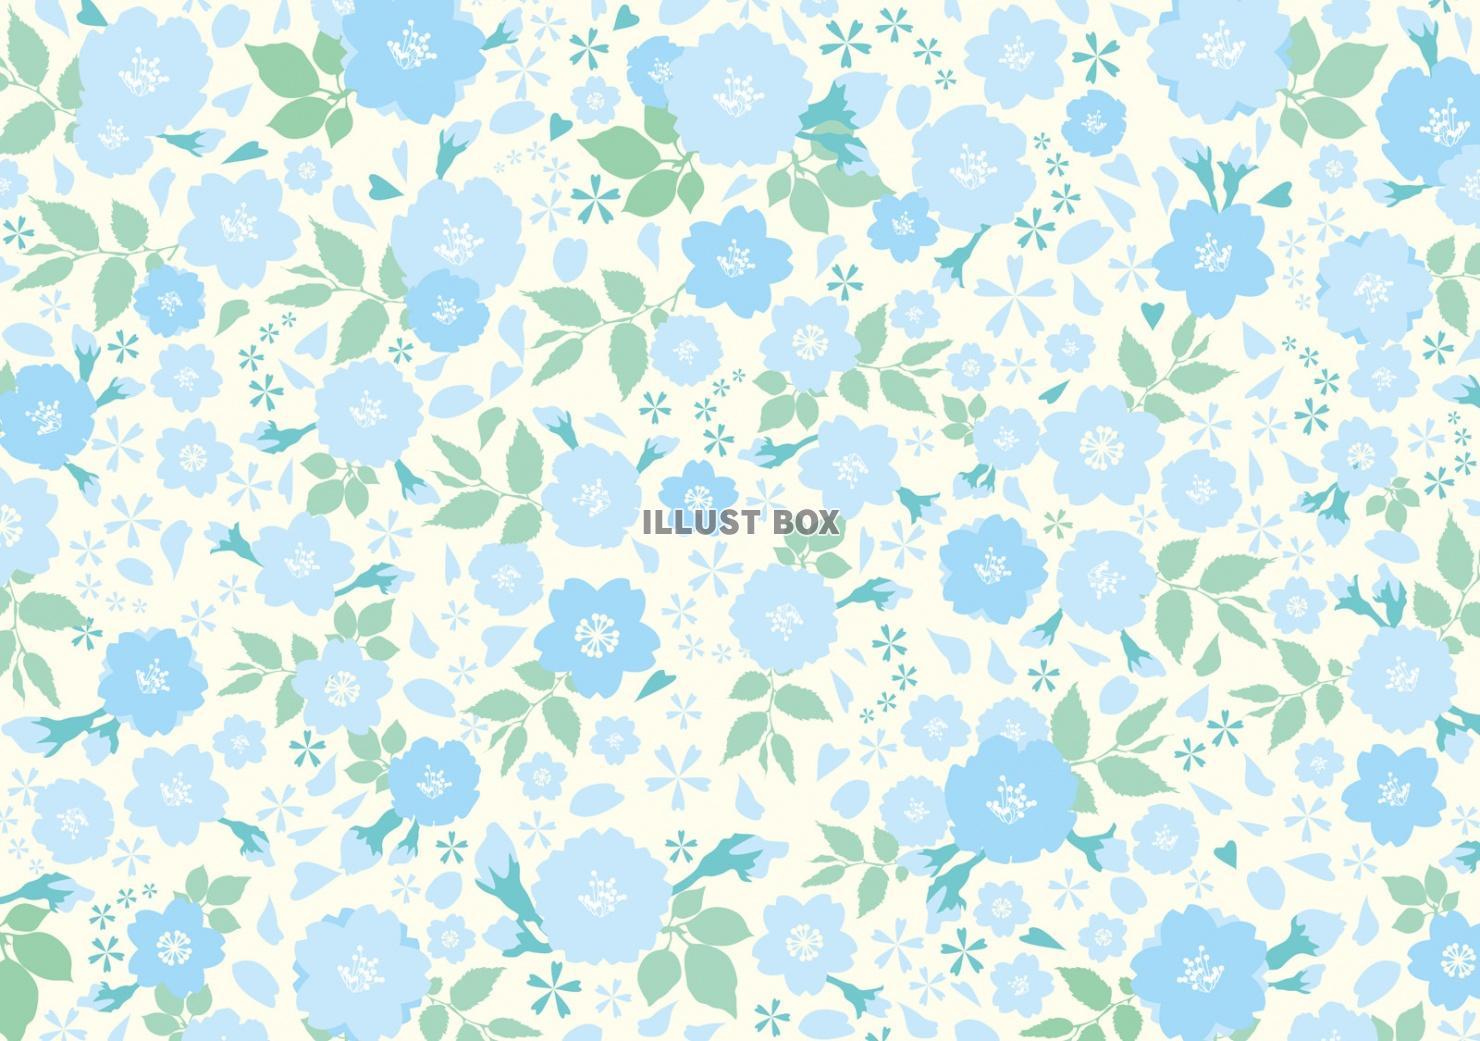 無料イラスト 花 植物 背景 壁紙 春 初夏 夏 青 水色 花柄 緑 3月